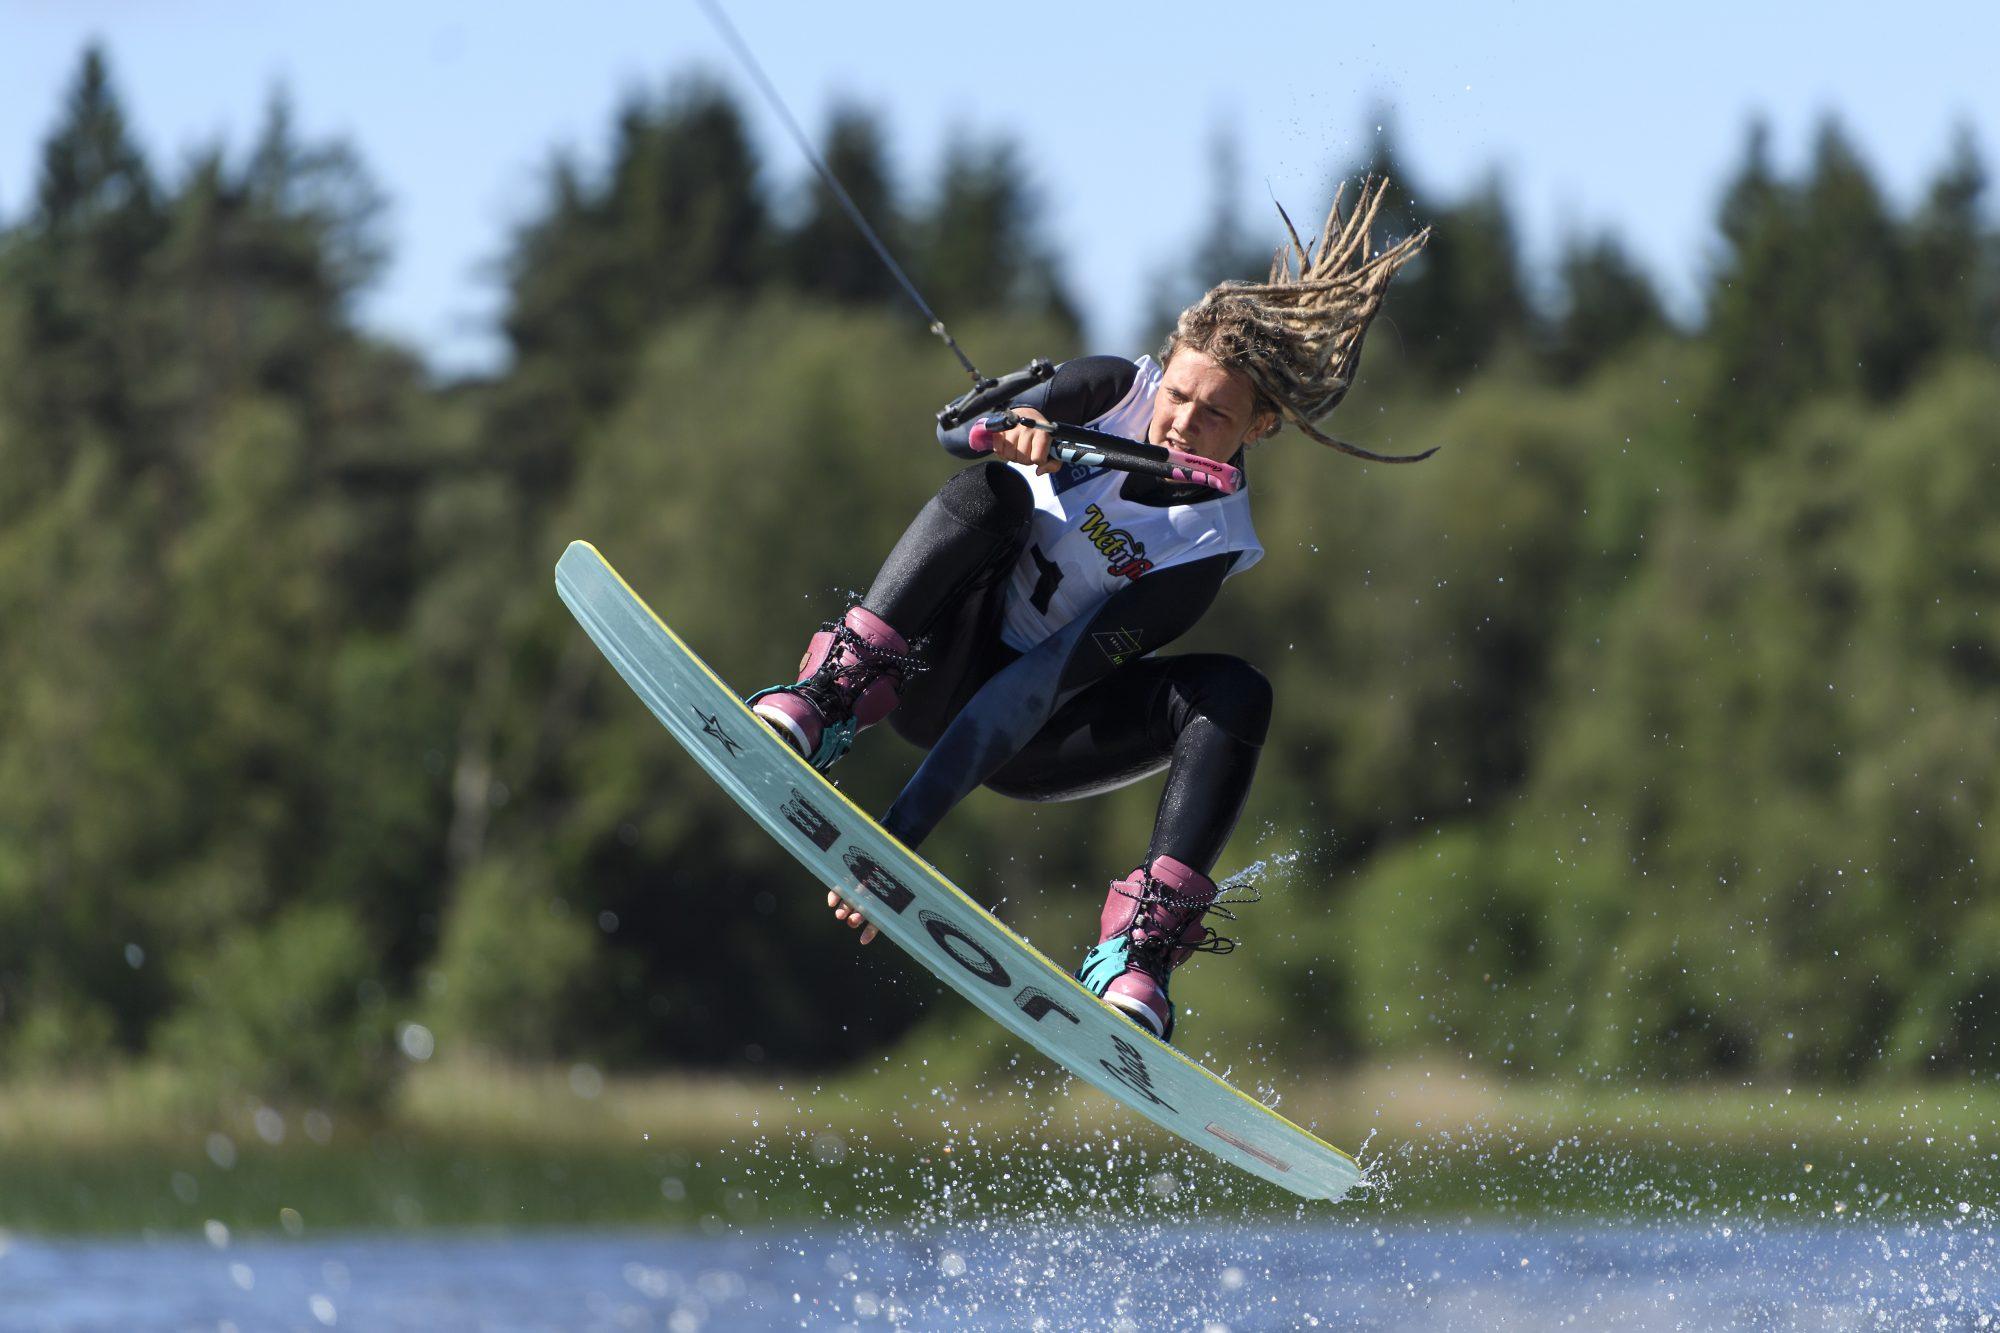 Eira Jansson tävlar i wakeboard under dag 6 av SM-veckan 2017 den 5 juli 2017 i Borås.